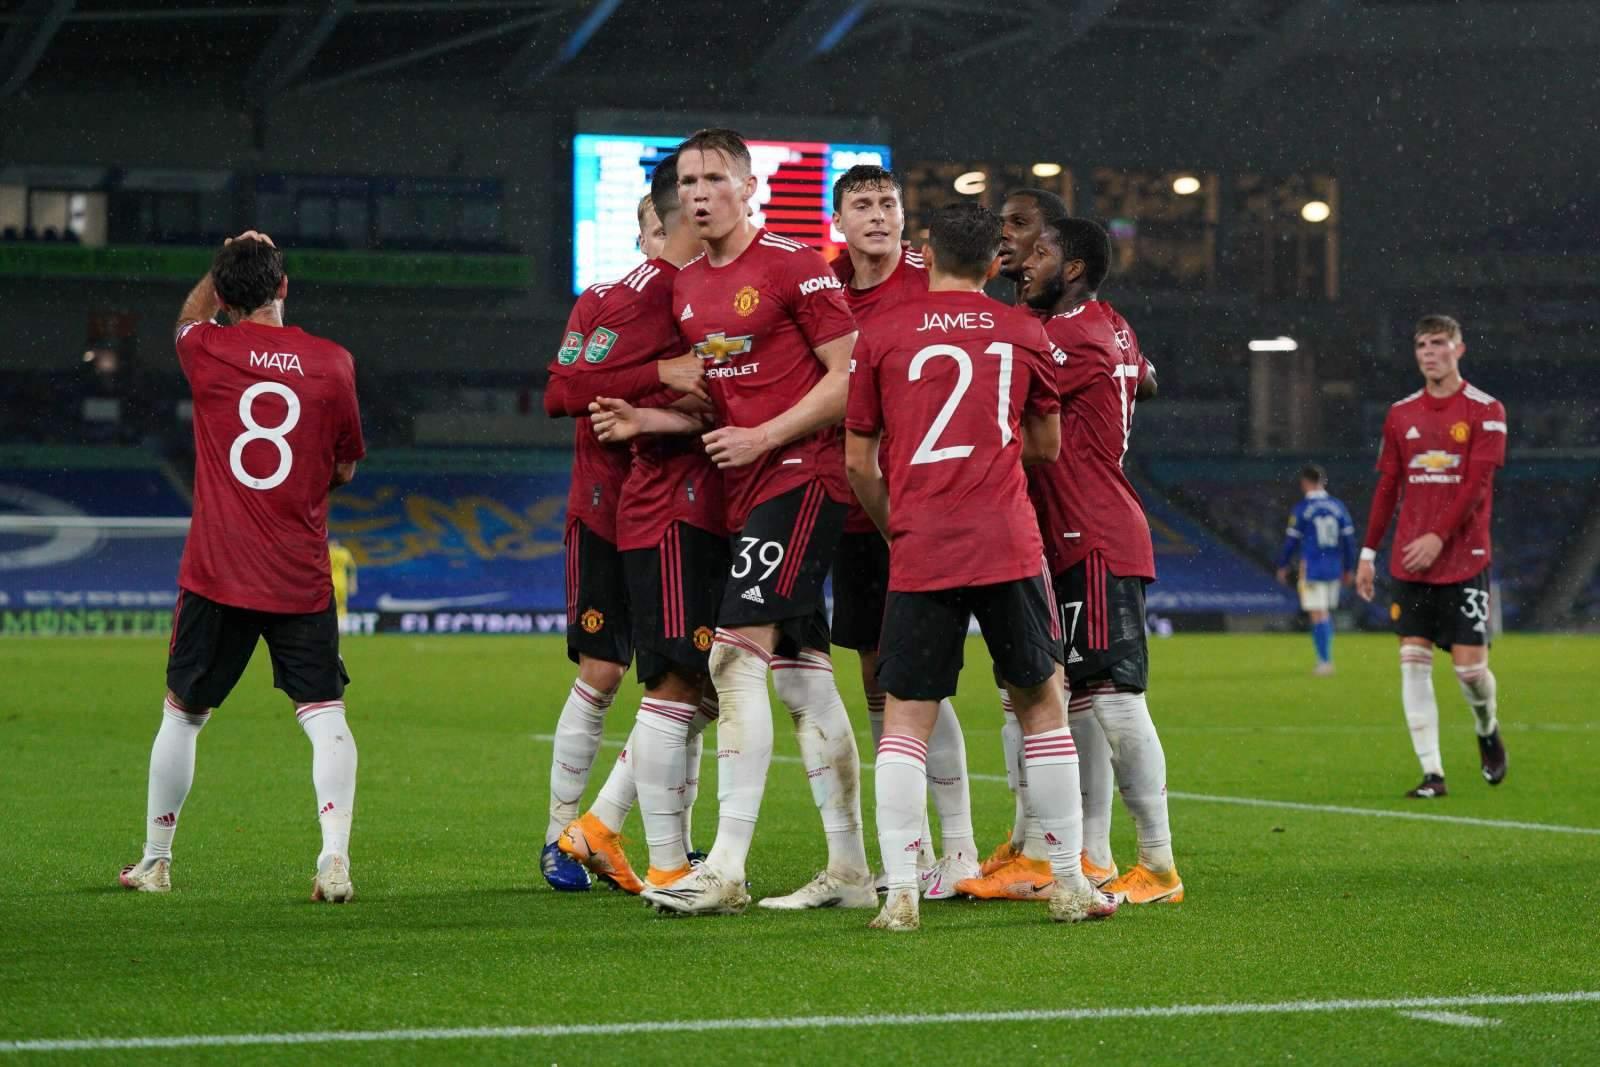 «Бёрнли» - «Манчестер Юнайтед» - 0:1 (закончен)